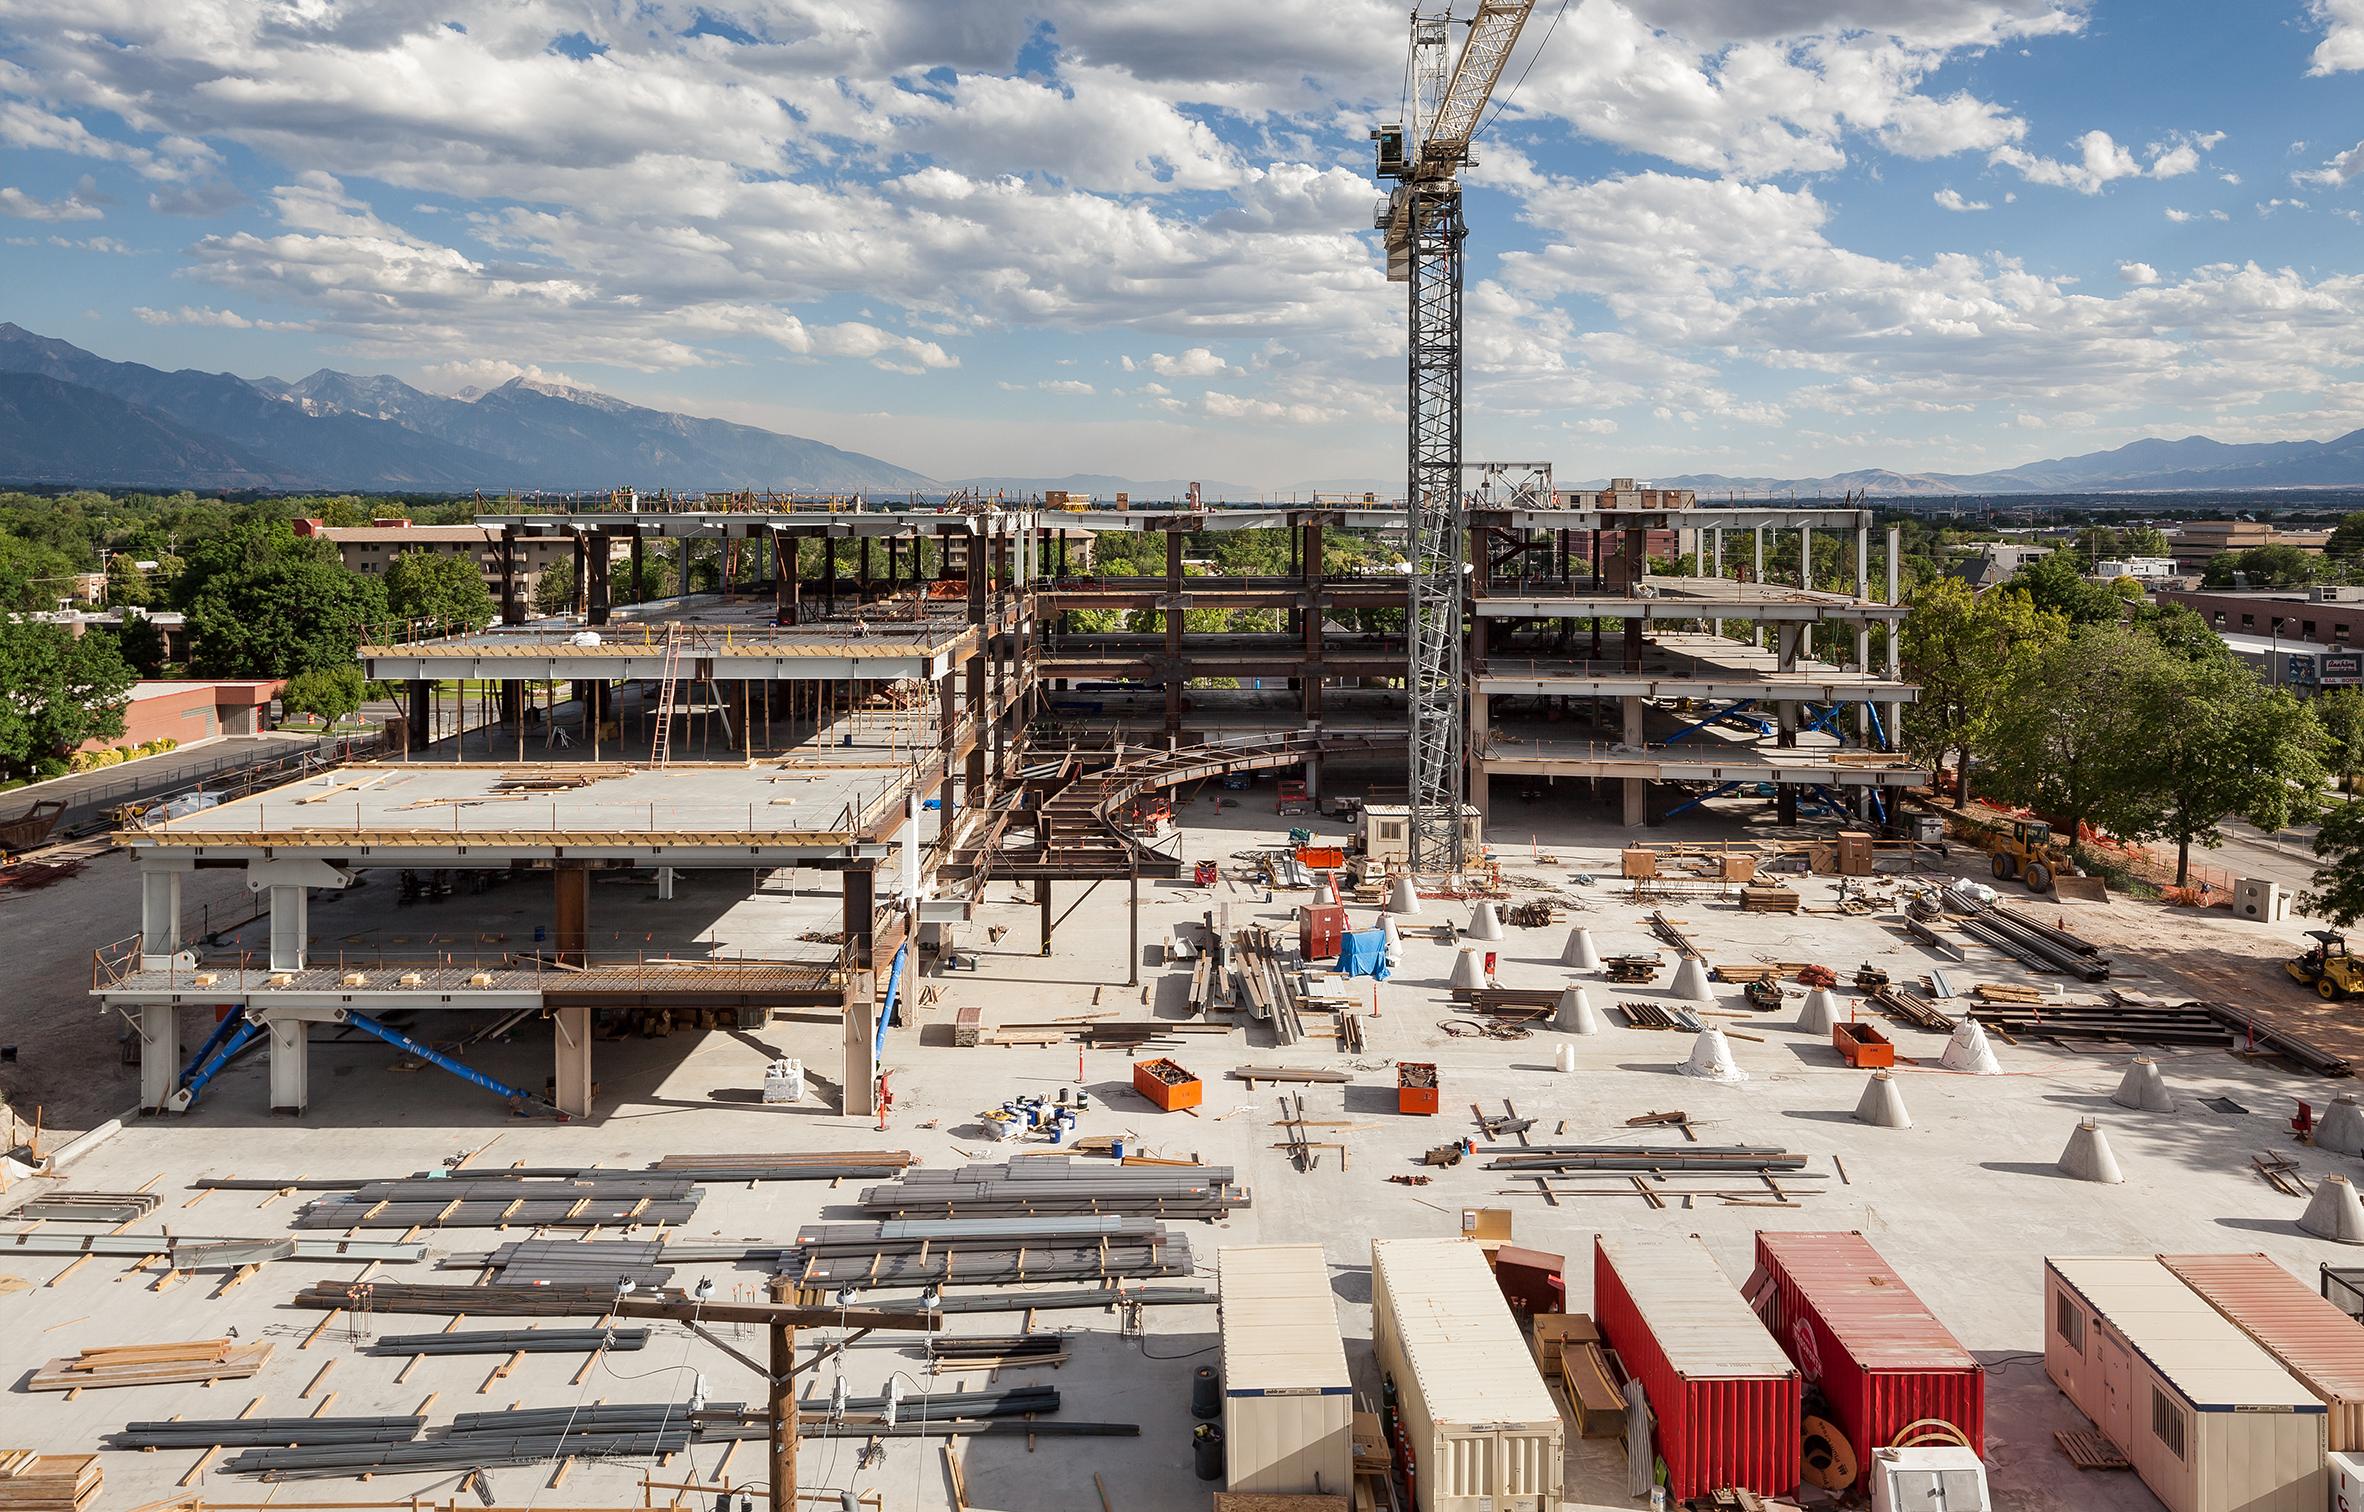 Salt Lake City Public Safety Building Under Construction